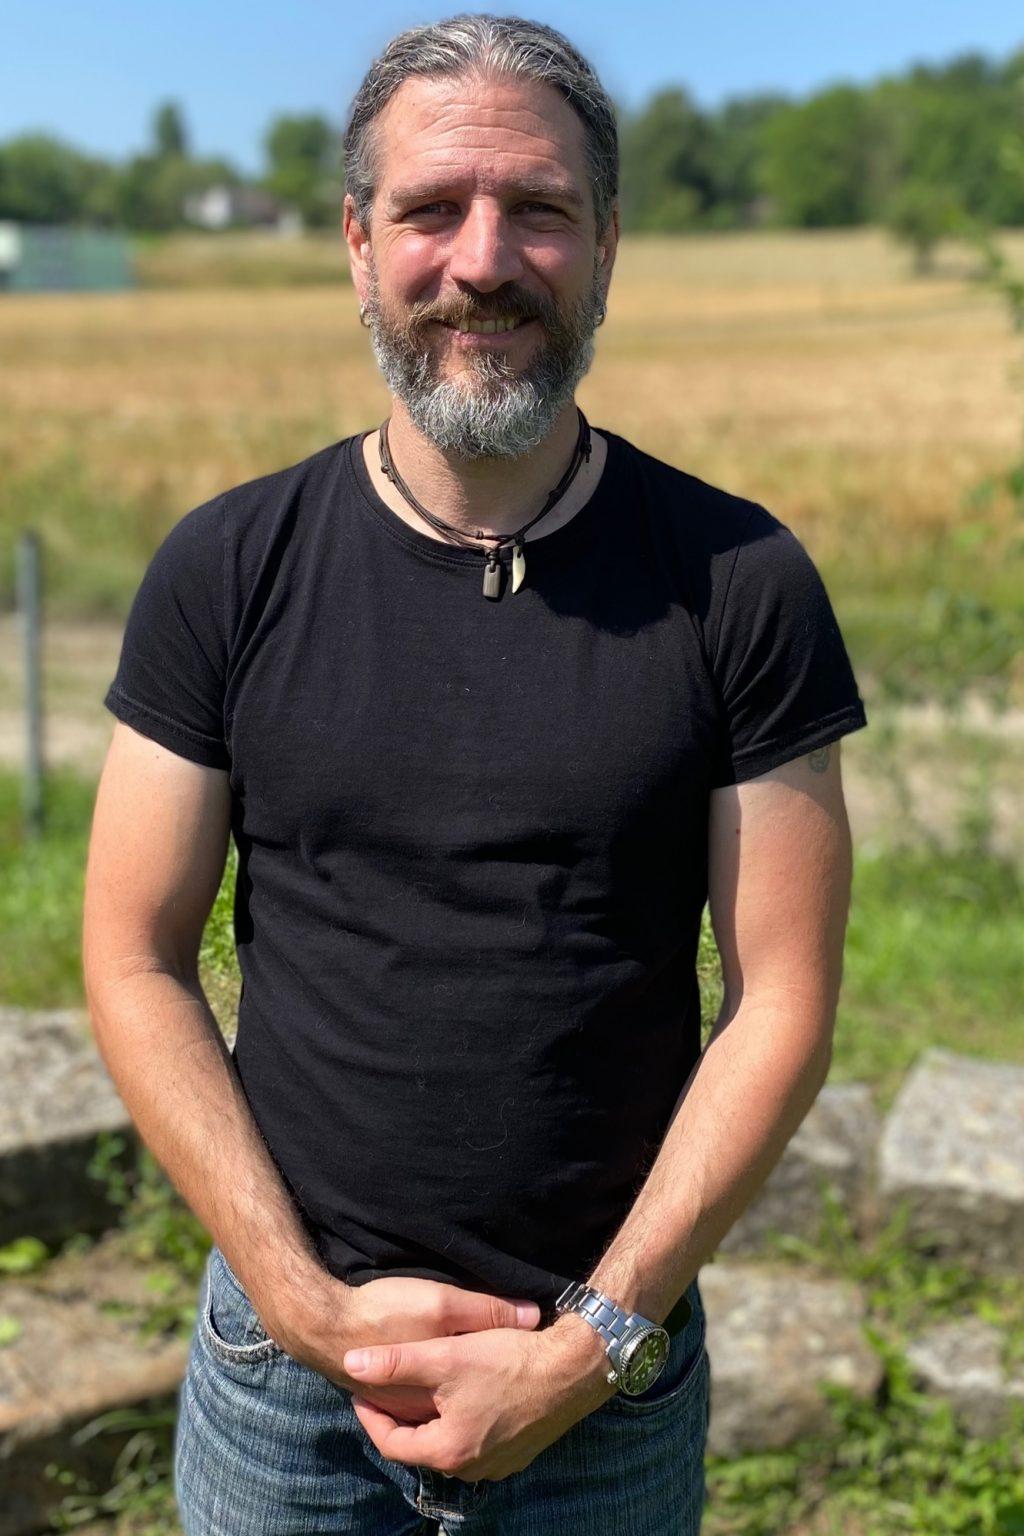 Markus Martini